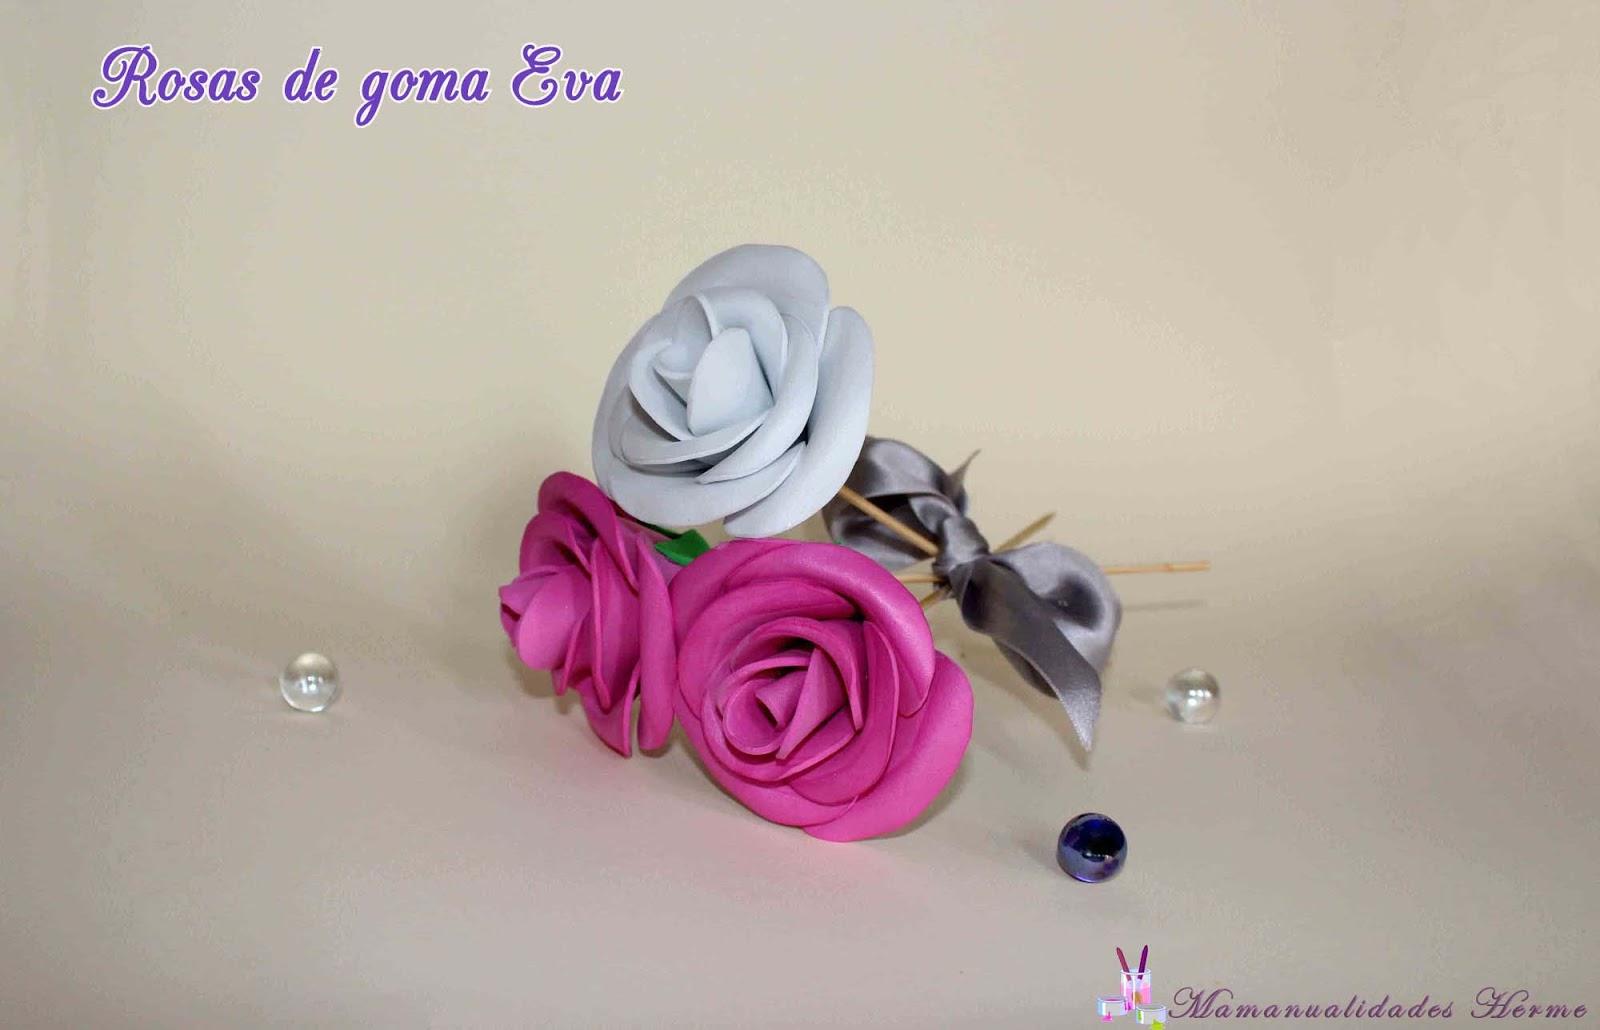 manualidades herme Como hacer rosas de goma Eva